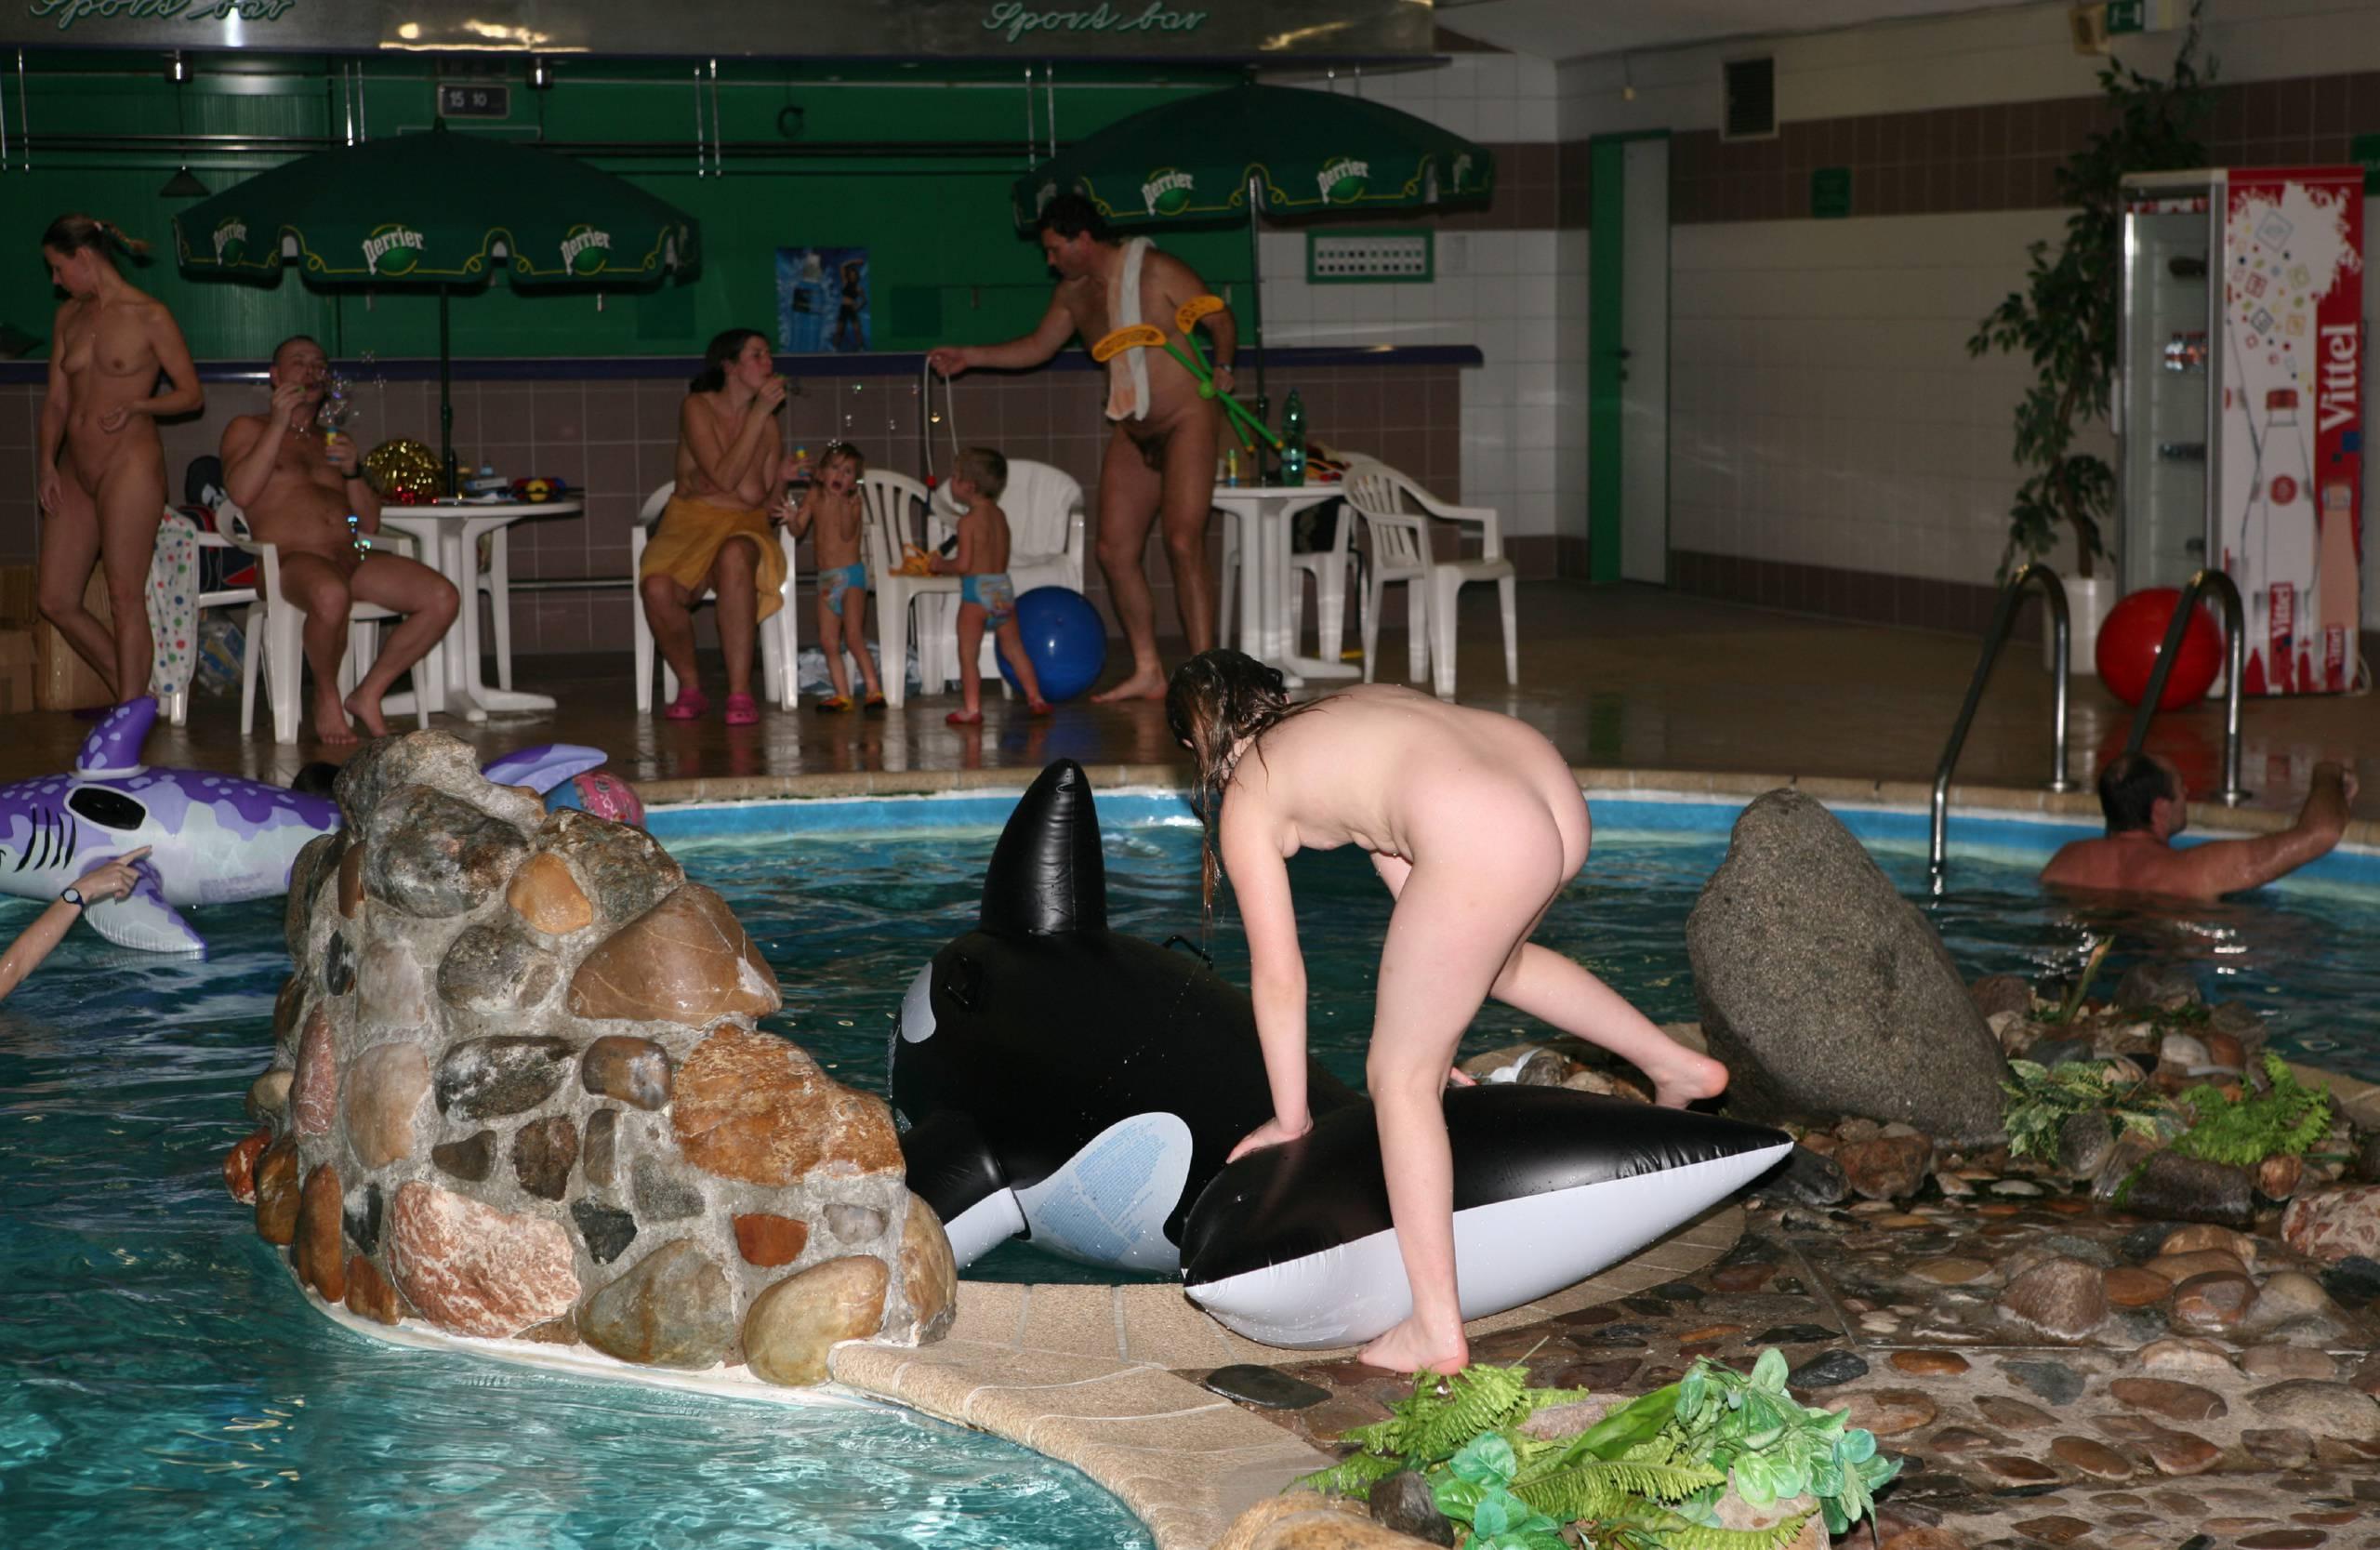 Nudist Pics 2010 Gym and Sauna - 2